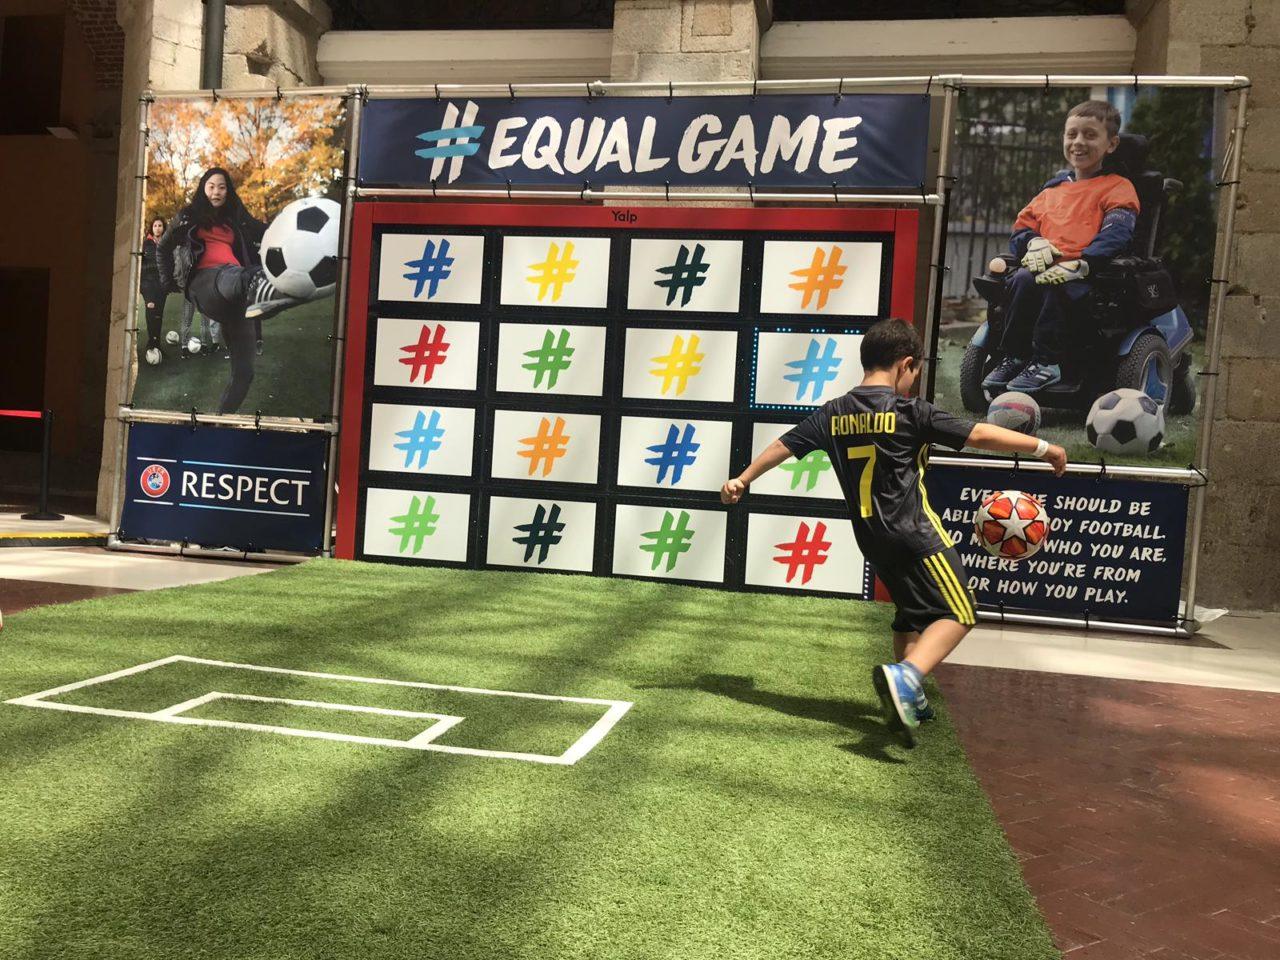 Yalp Sutu - Fußballwand - UEFA Champions-League Finale in Madrid, der Handball-Weltmeisterschaft 2019 - in Zusammenarbeit mit FUSSBALLMARKT